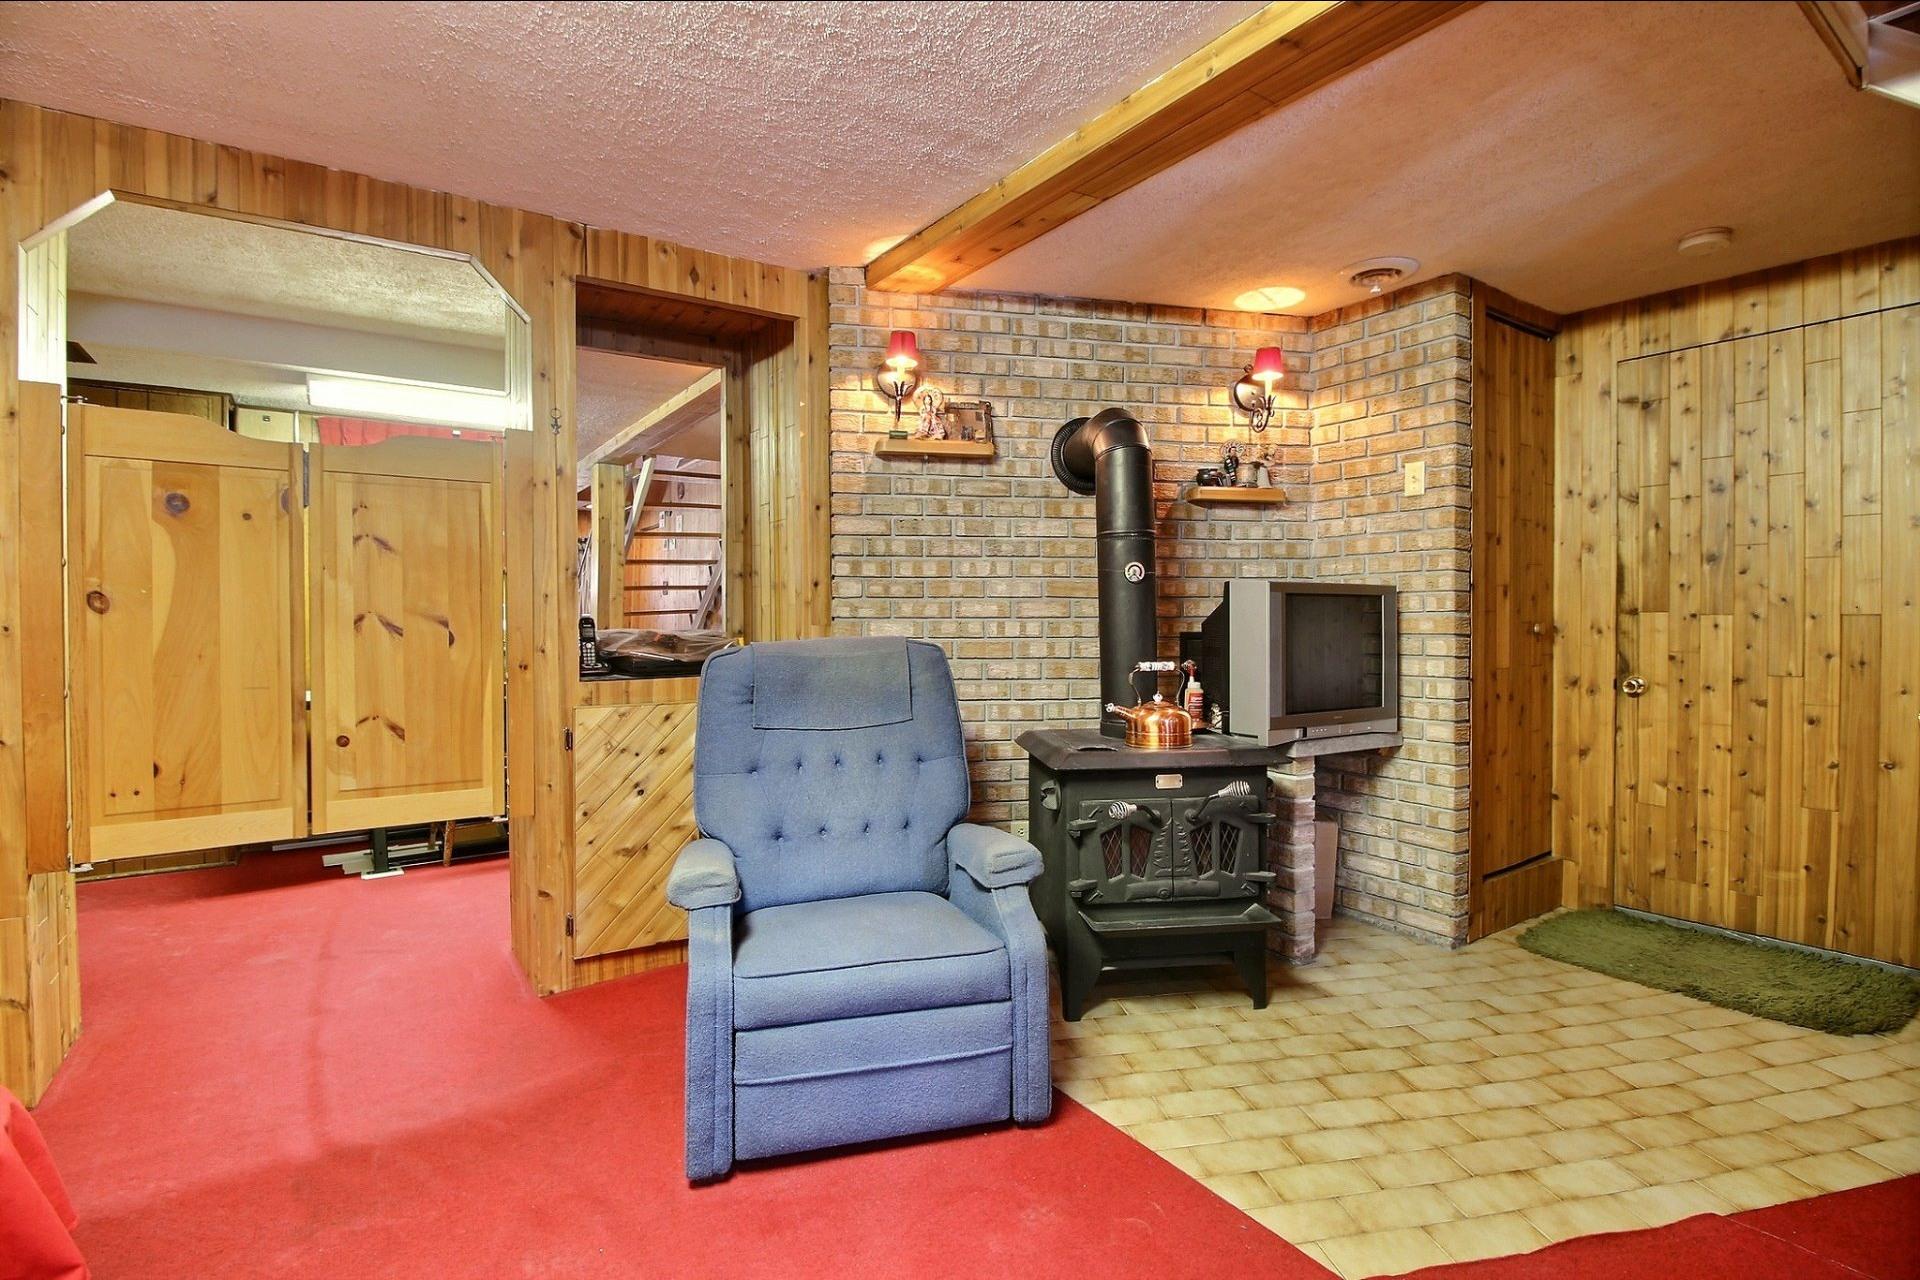 image 17 - Duplex For sale Montréal Rivière-des-Prairies/Pointe-aux-Trembles  - 6 rooms